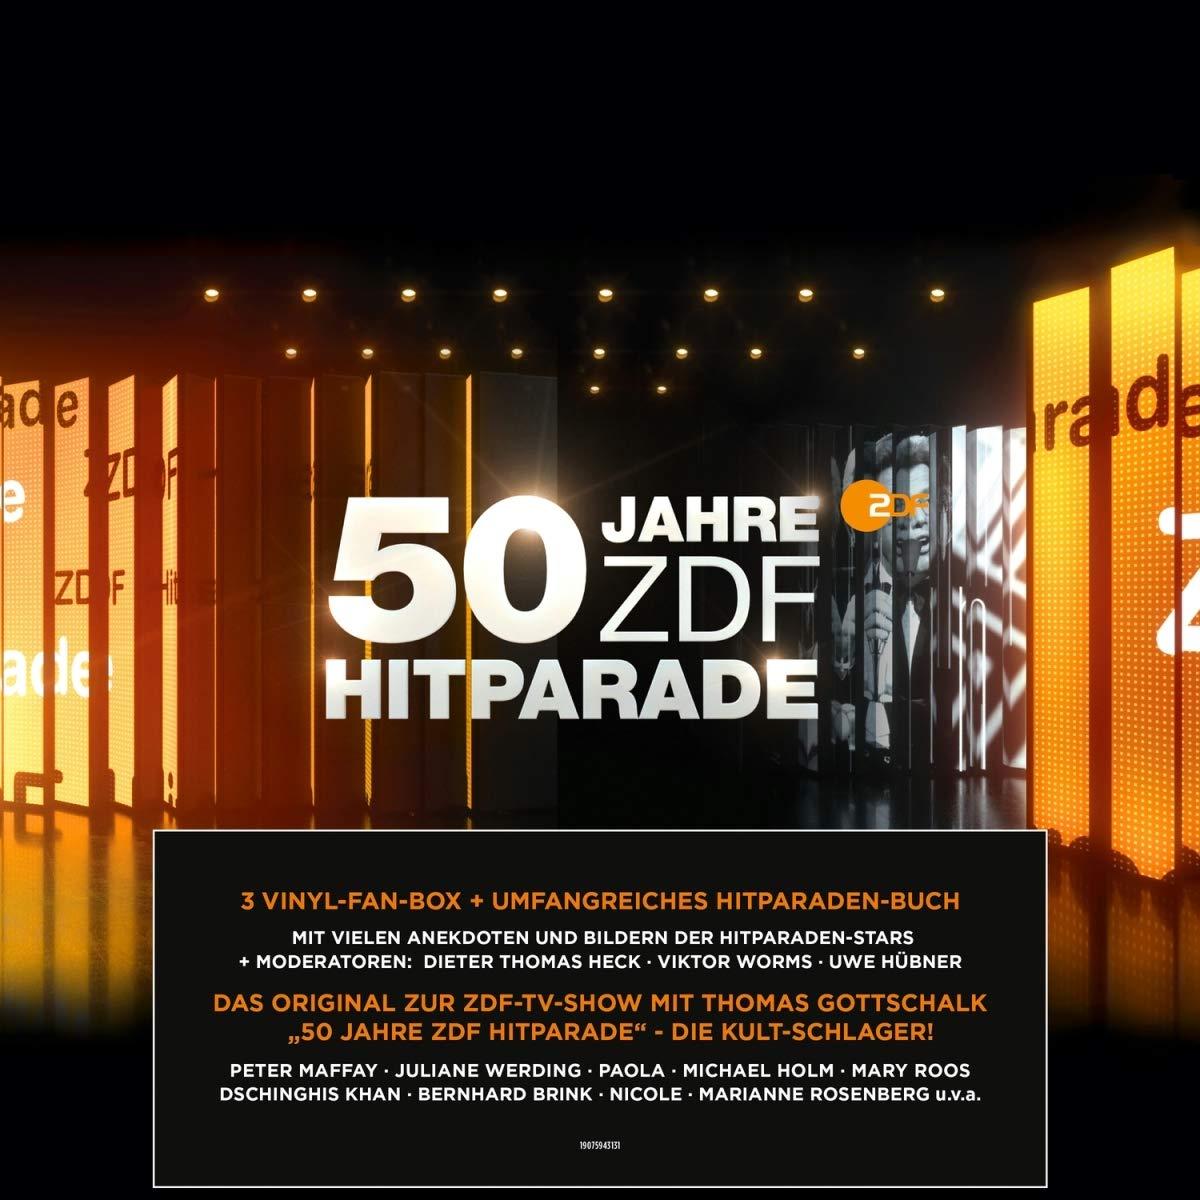 50 Jahre ZDF-Hitparade - Vinyl-Fan-Box mit ausführlichem Hitparaden-Buch